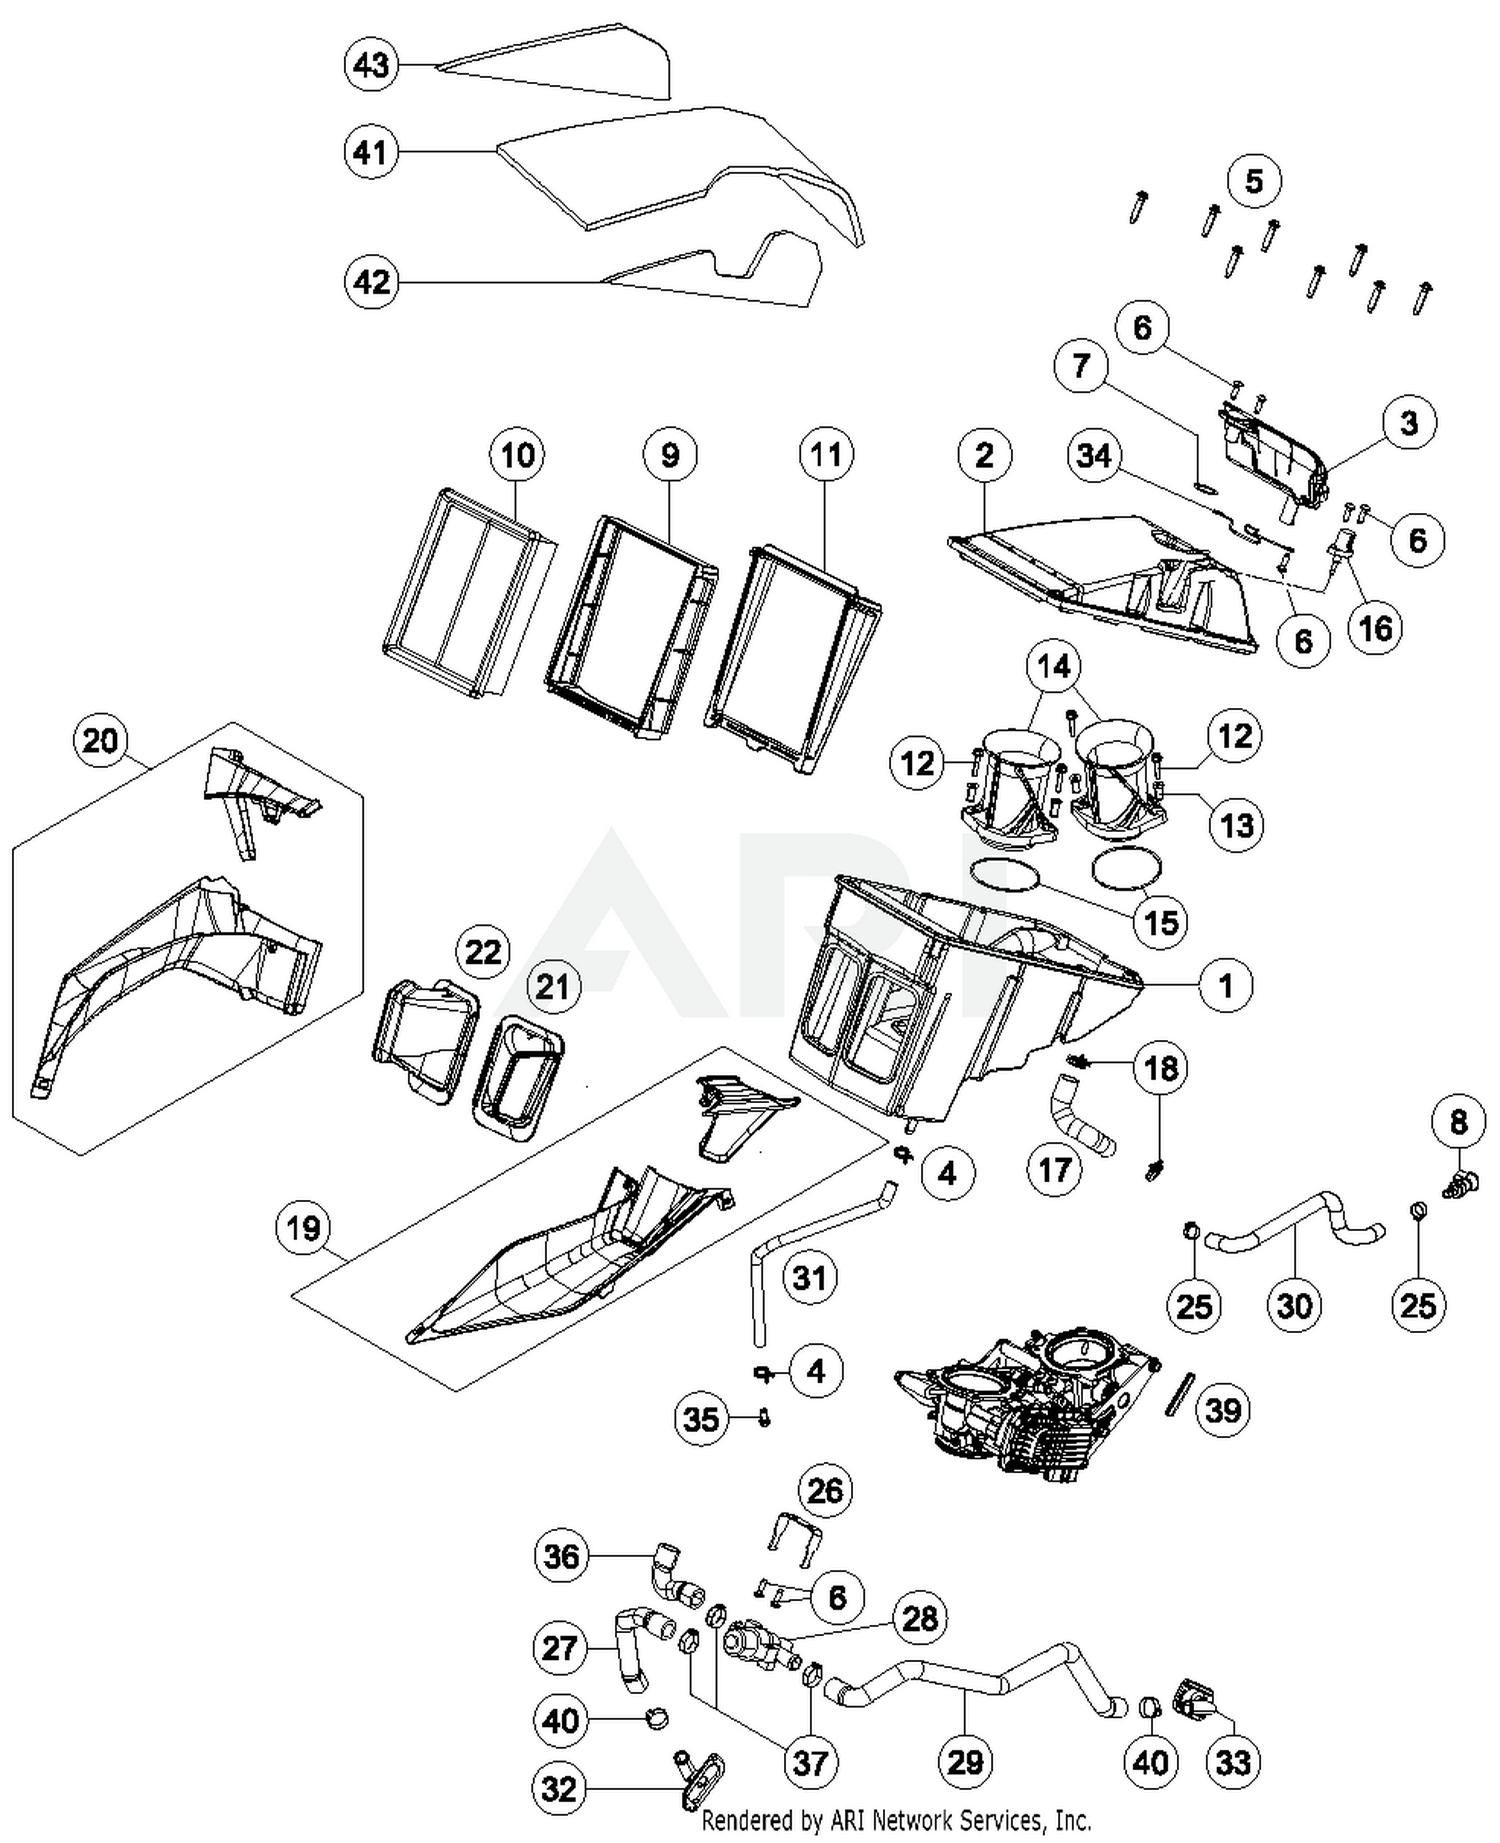 2017 ktm 1290 super duke gt gray air filter parts best oem KTM 1290 Super Duke schematic search results parts in schematics